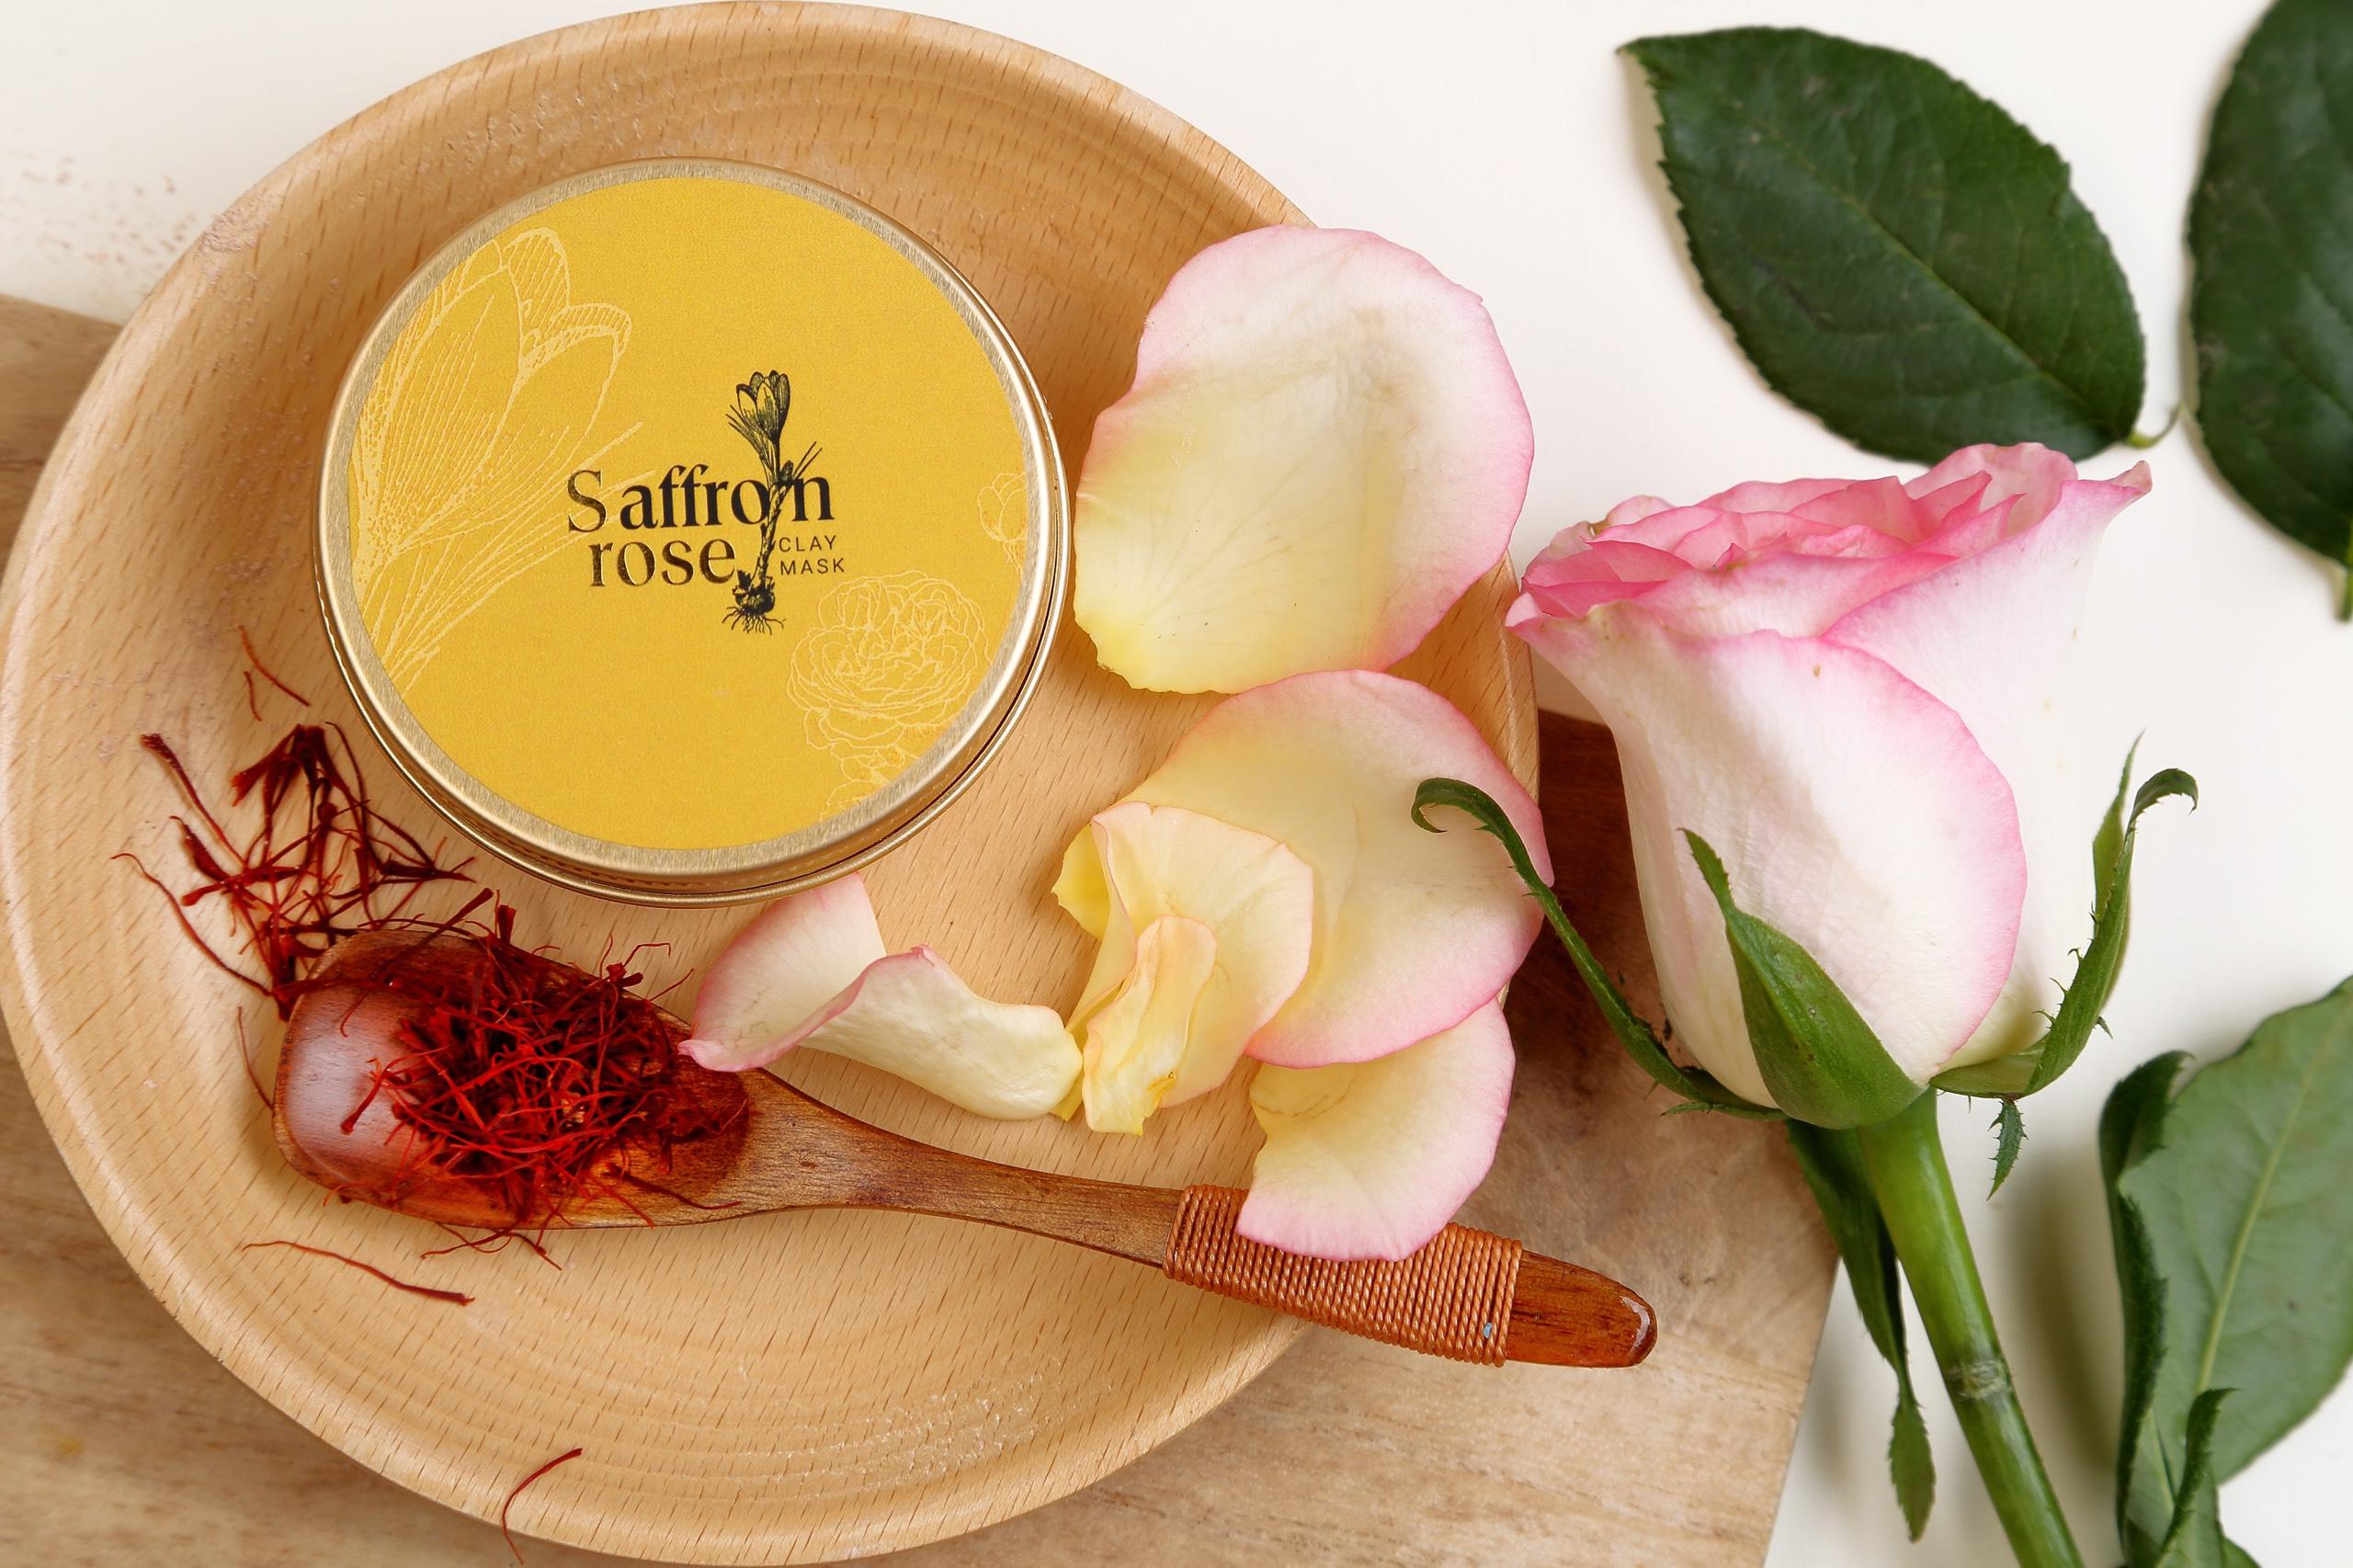 Làm đẹp, làm chủ kinh tế cùng dòng sản phẩm Saffron thương hiệu TH – Organics